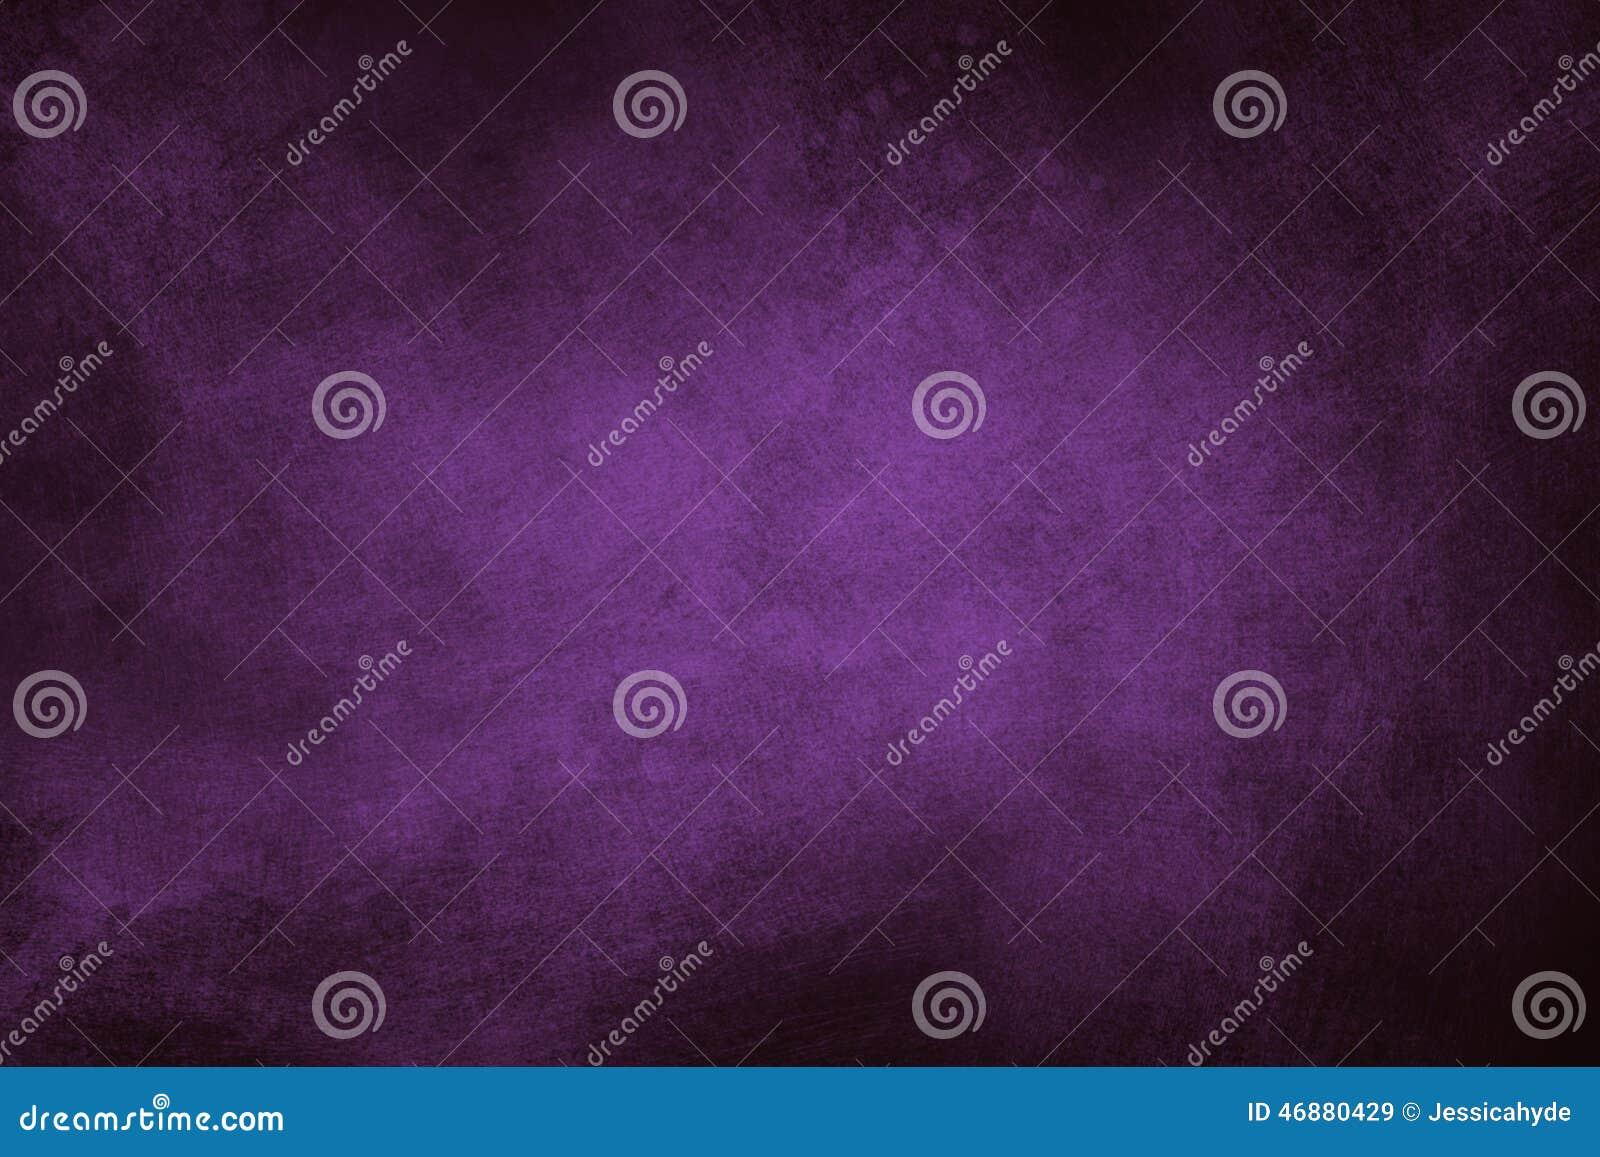 Tło abstrakcyjnych purpurowy